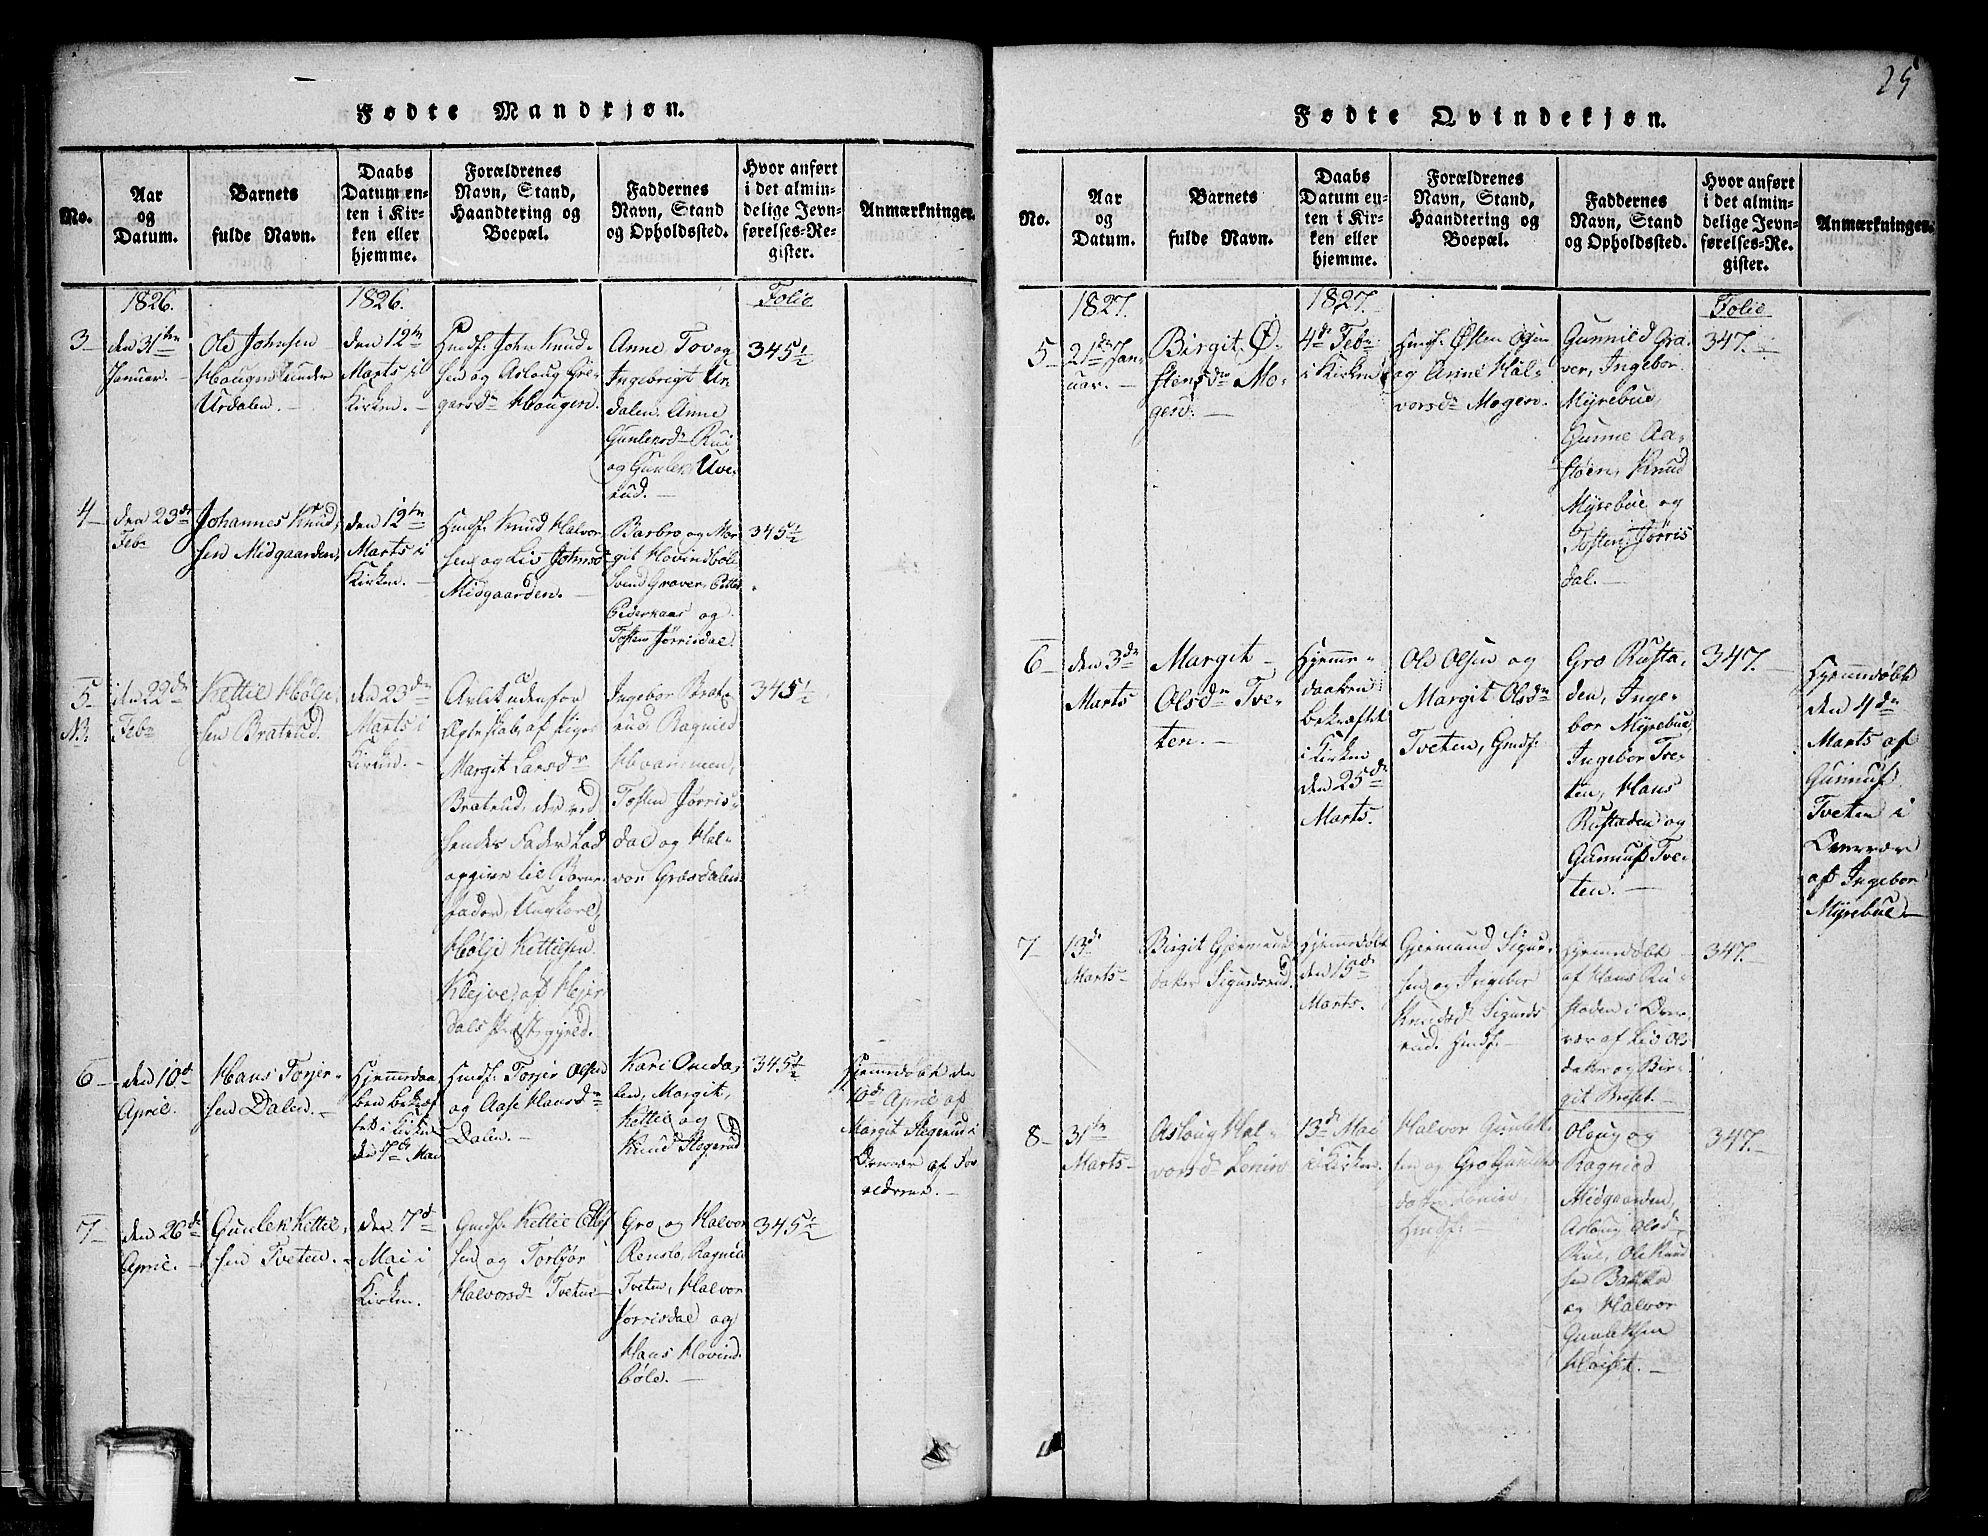 SAKO, Gransherad kirkebøker, G/Gb/L0001: Klokkerbok nr. II 1, 1815-1860, s. 25